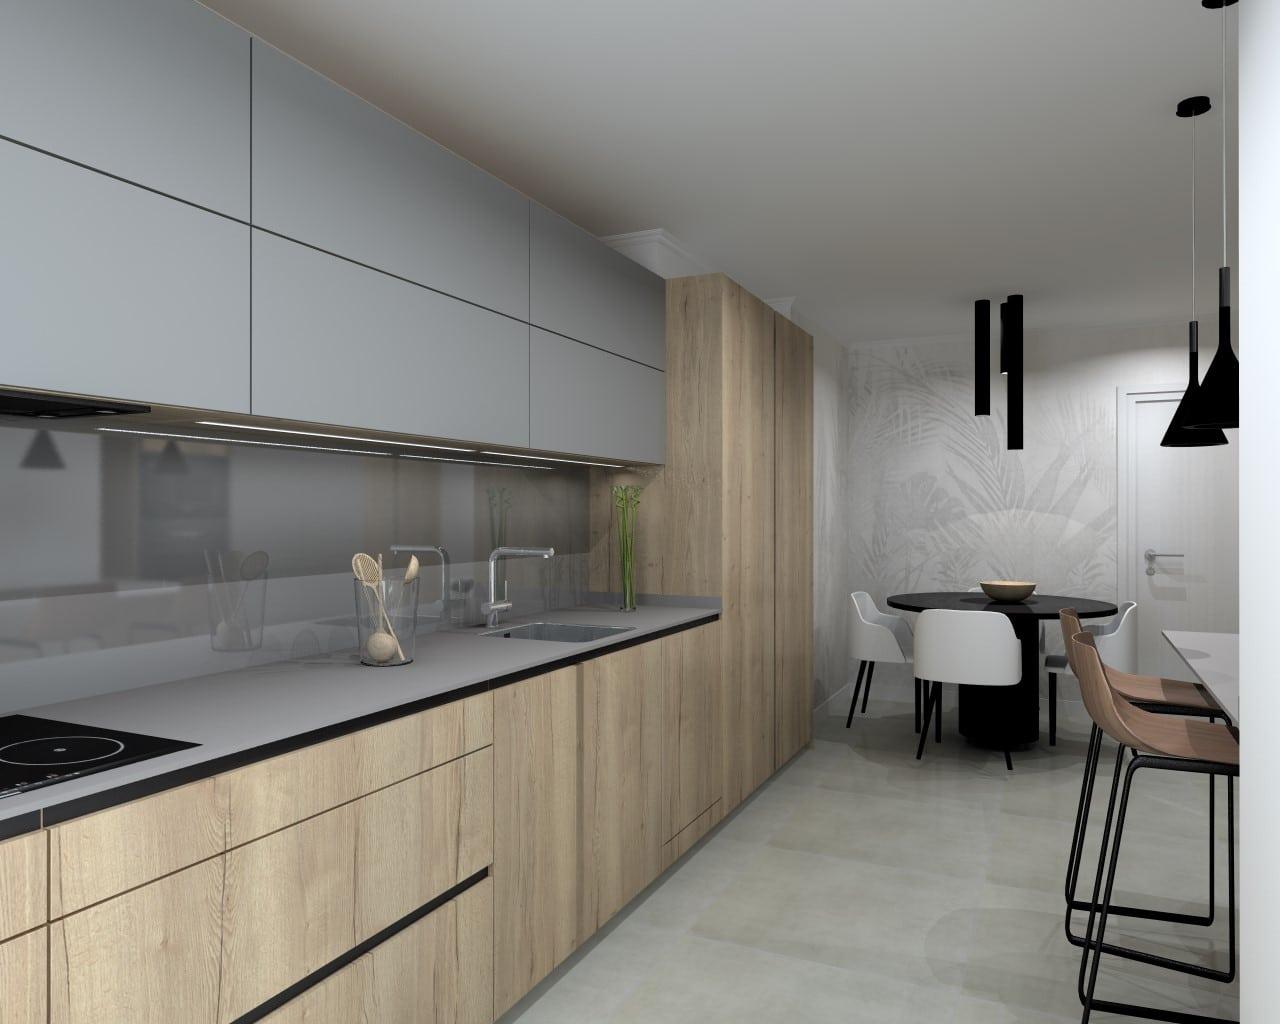 Cocina Santos gris visón y madera